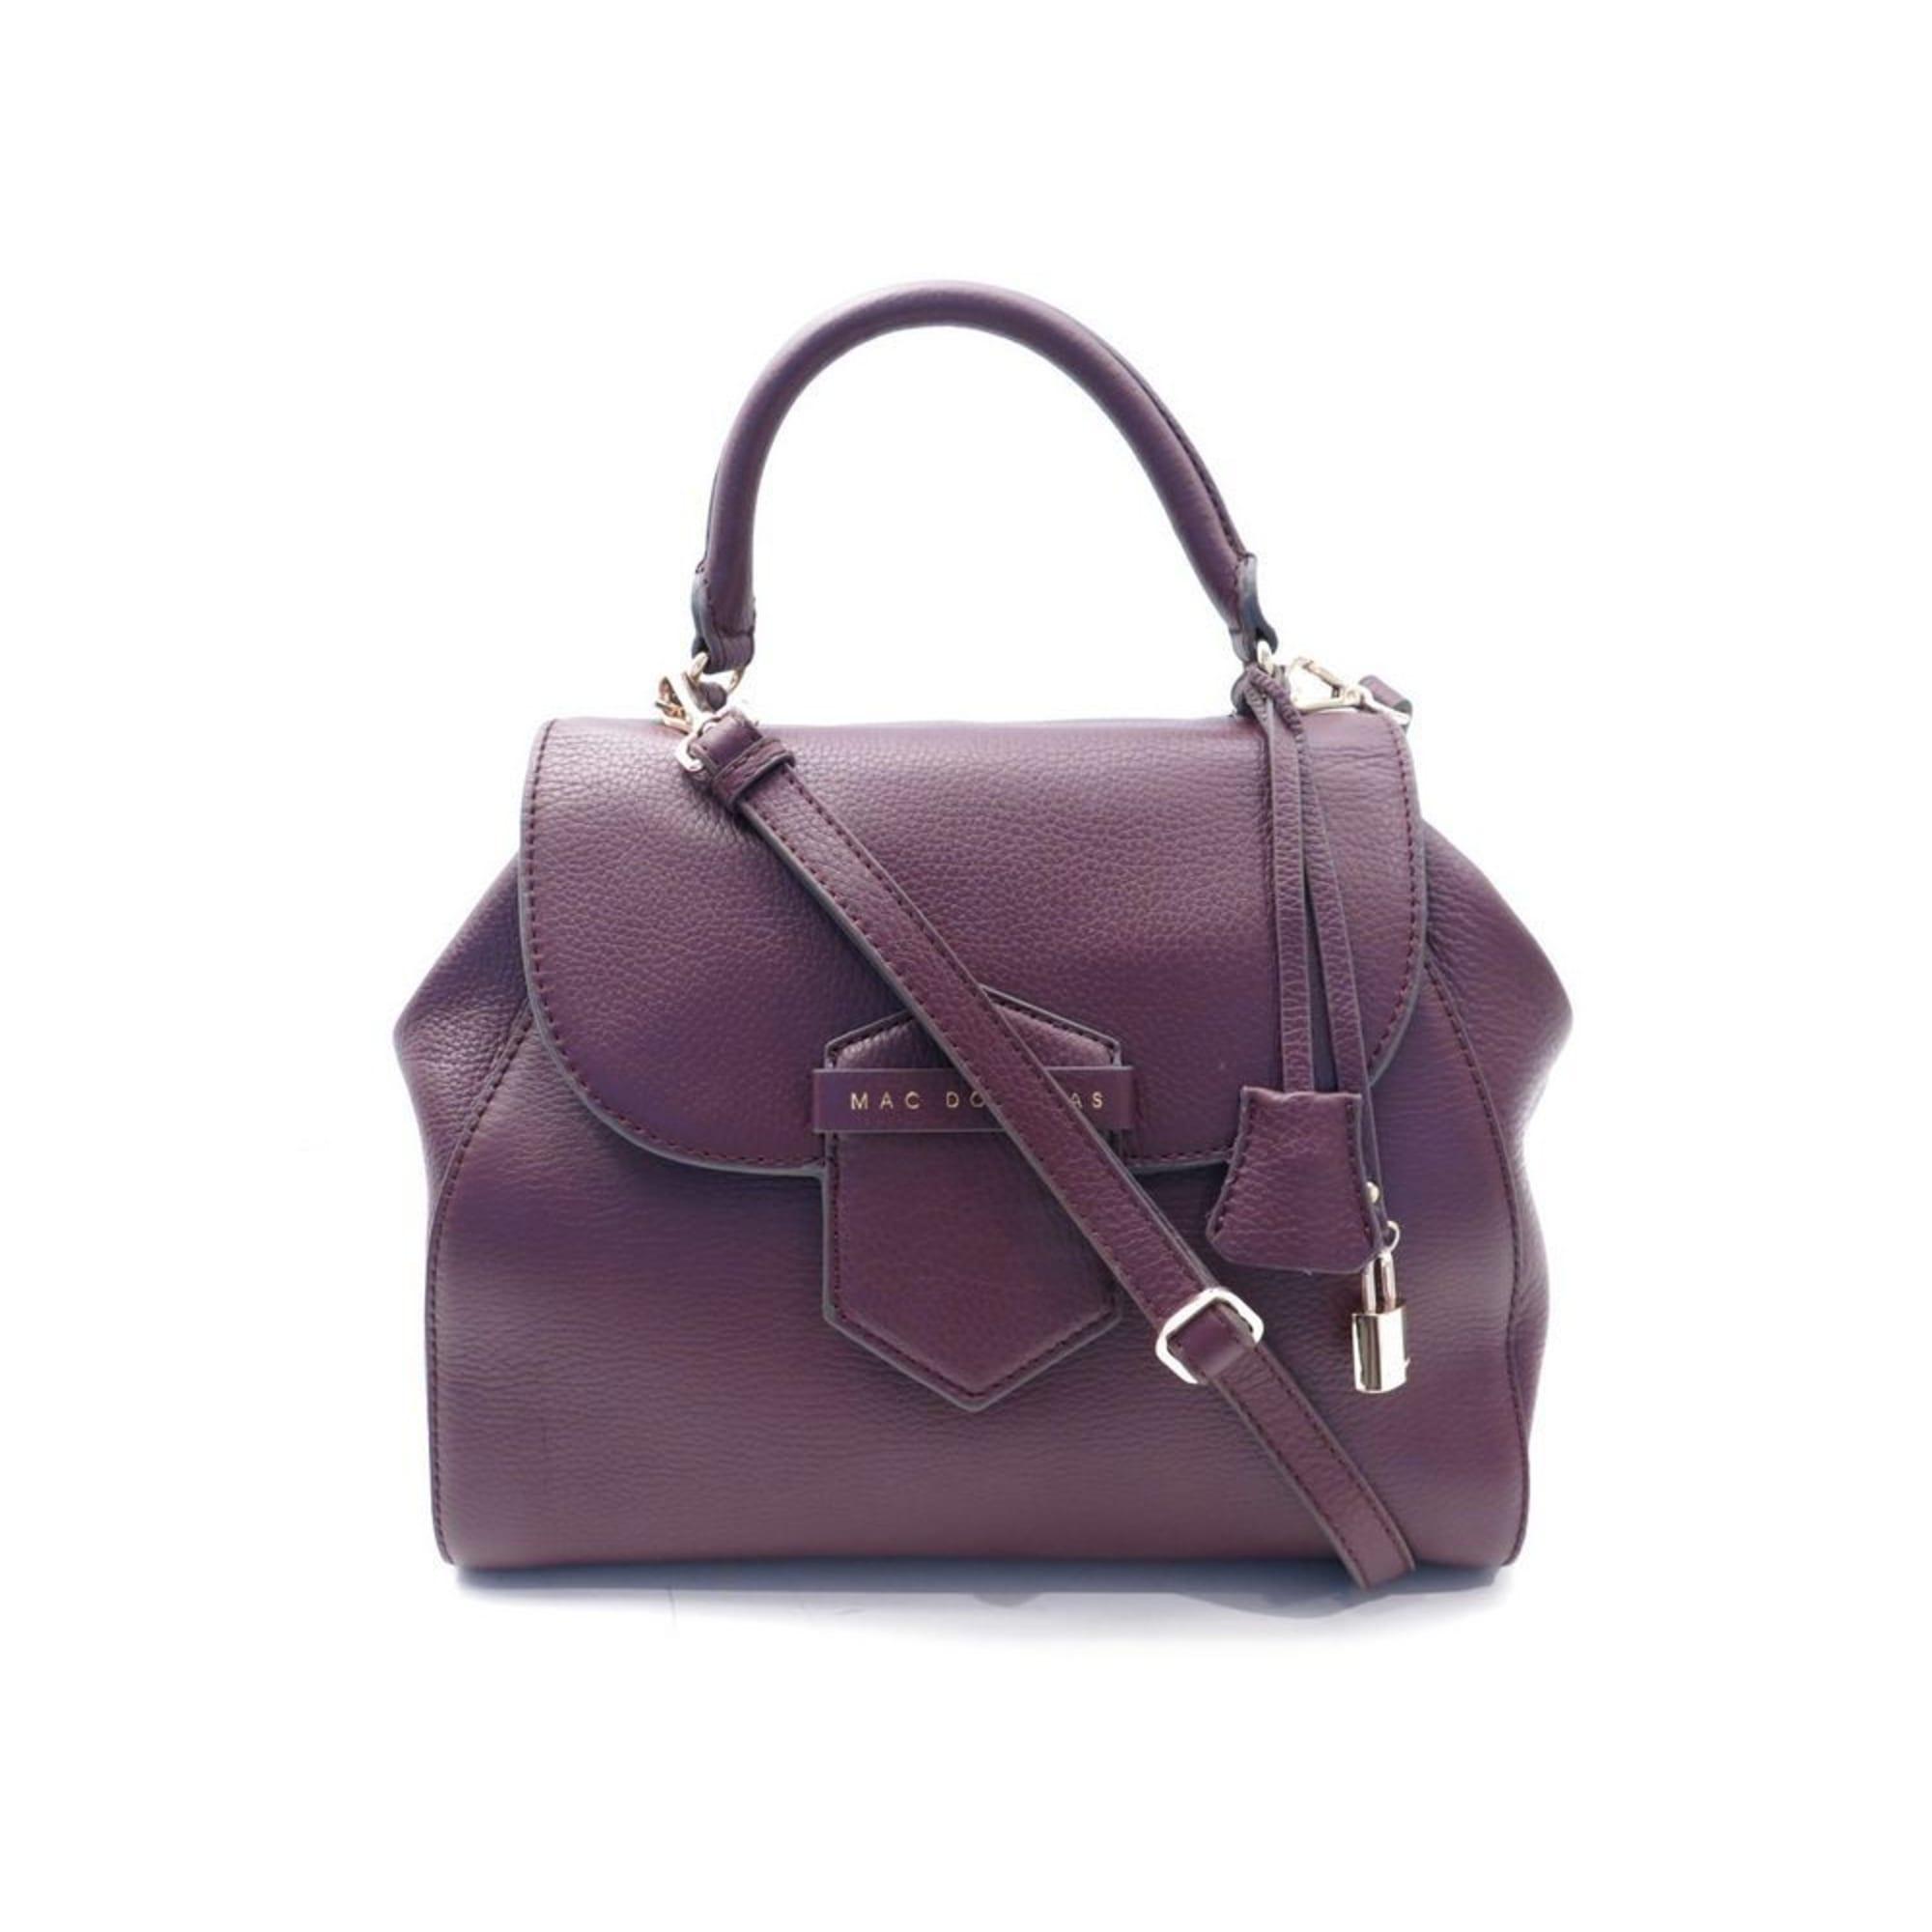 9774bbd25dac Sac en bandoulière en cuir MAC DOUGLAS violet vendu par Encherexpert ...